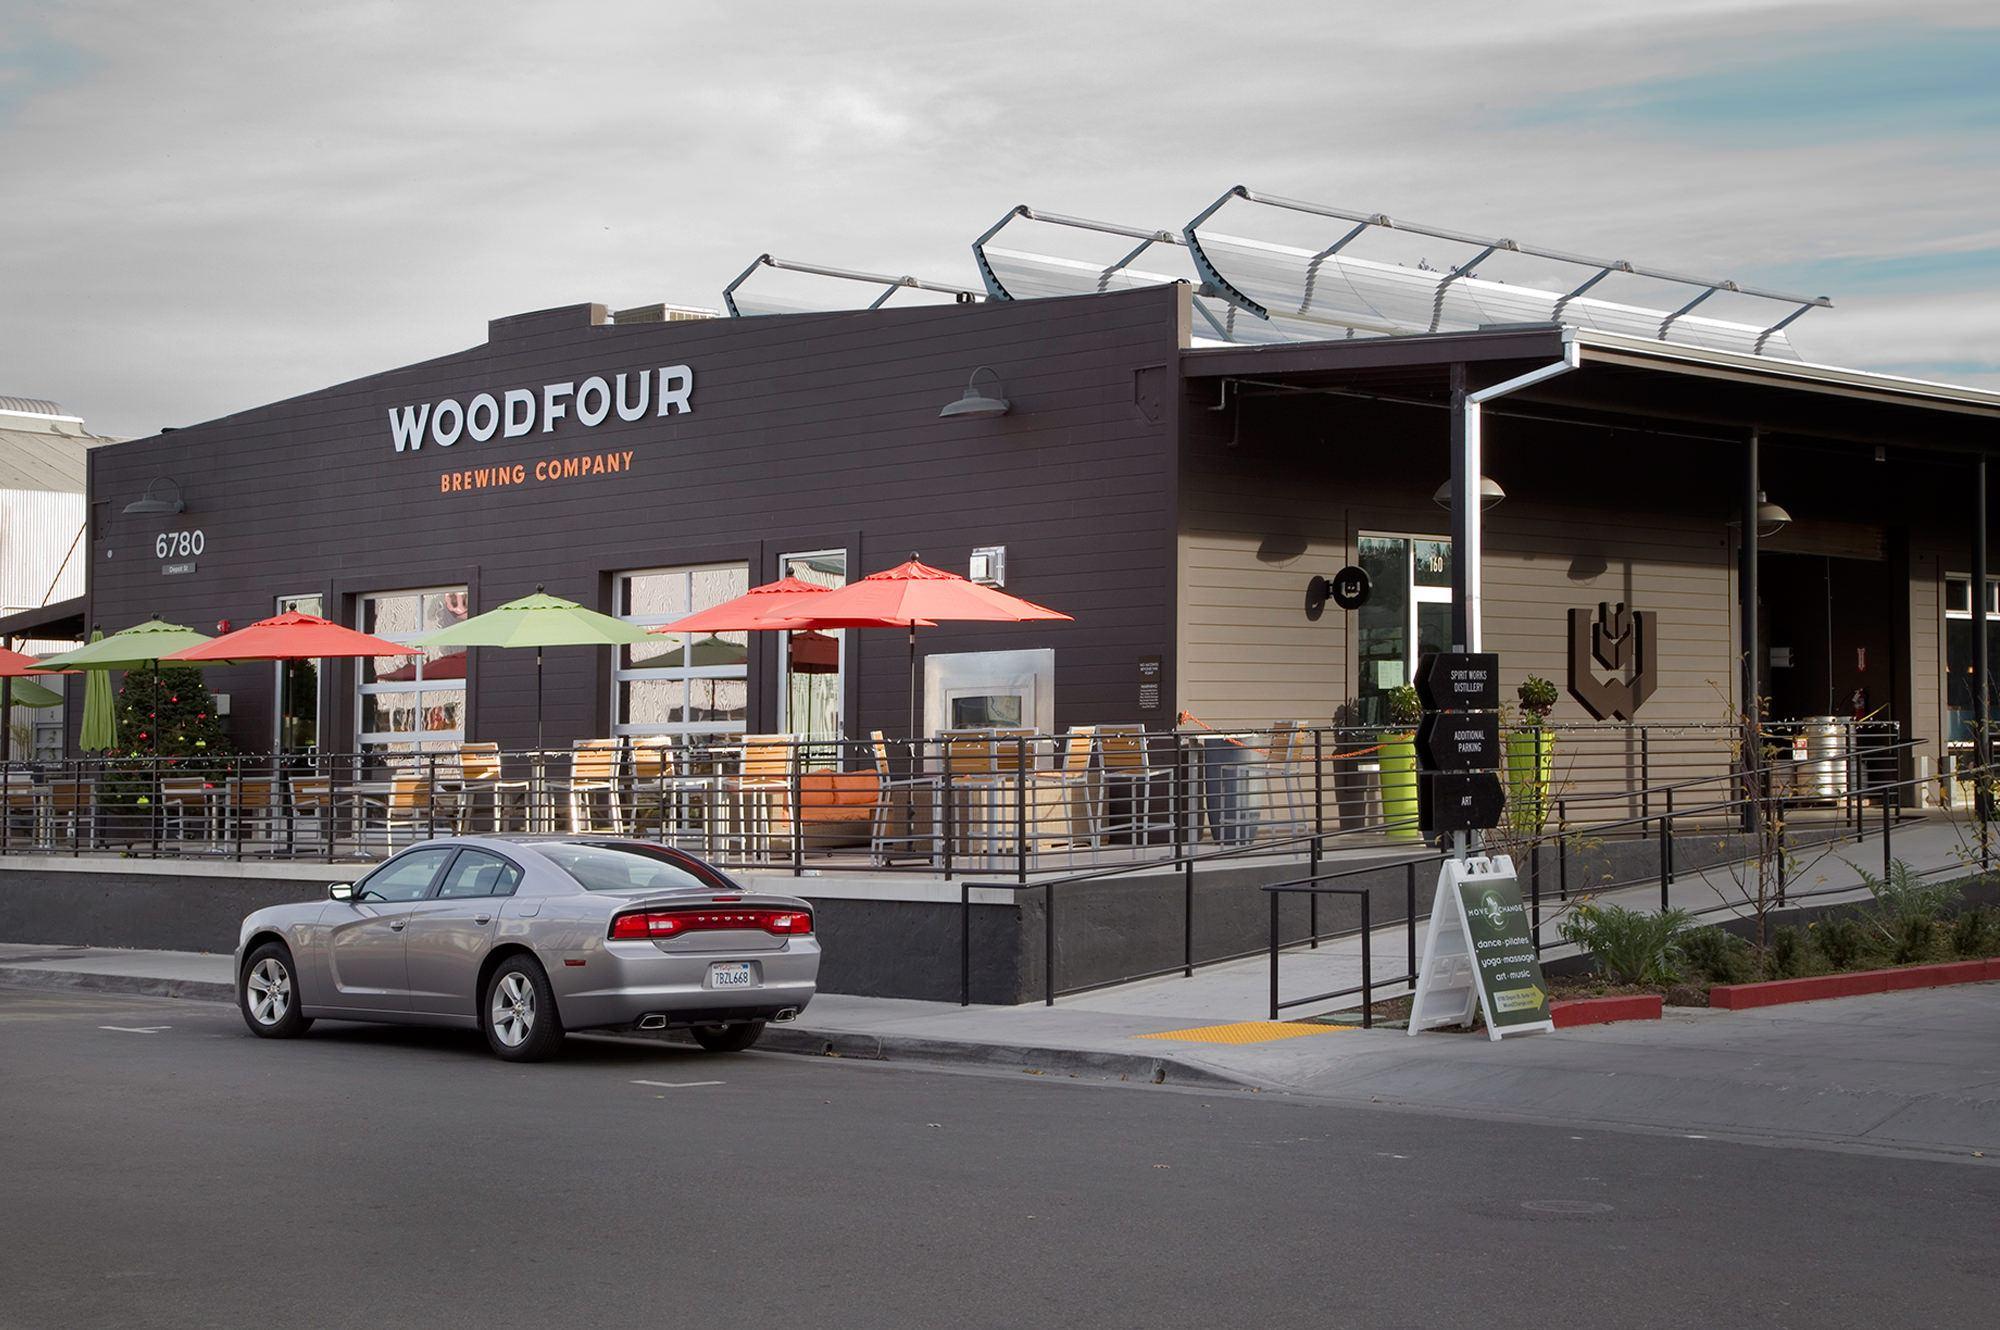 Woodfour Brewing Company in Sebastopol